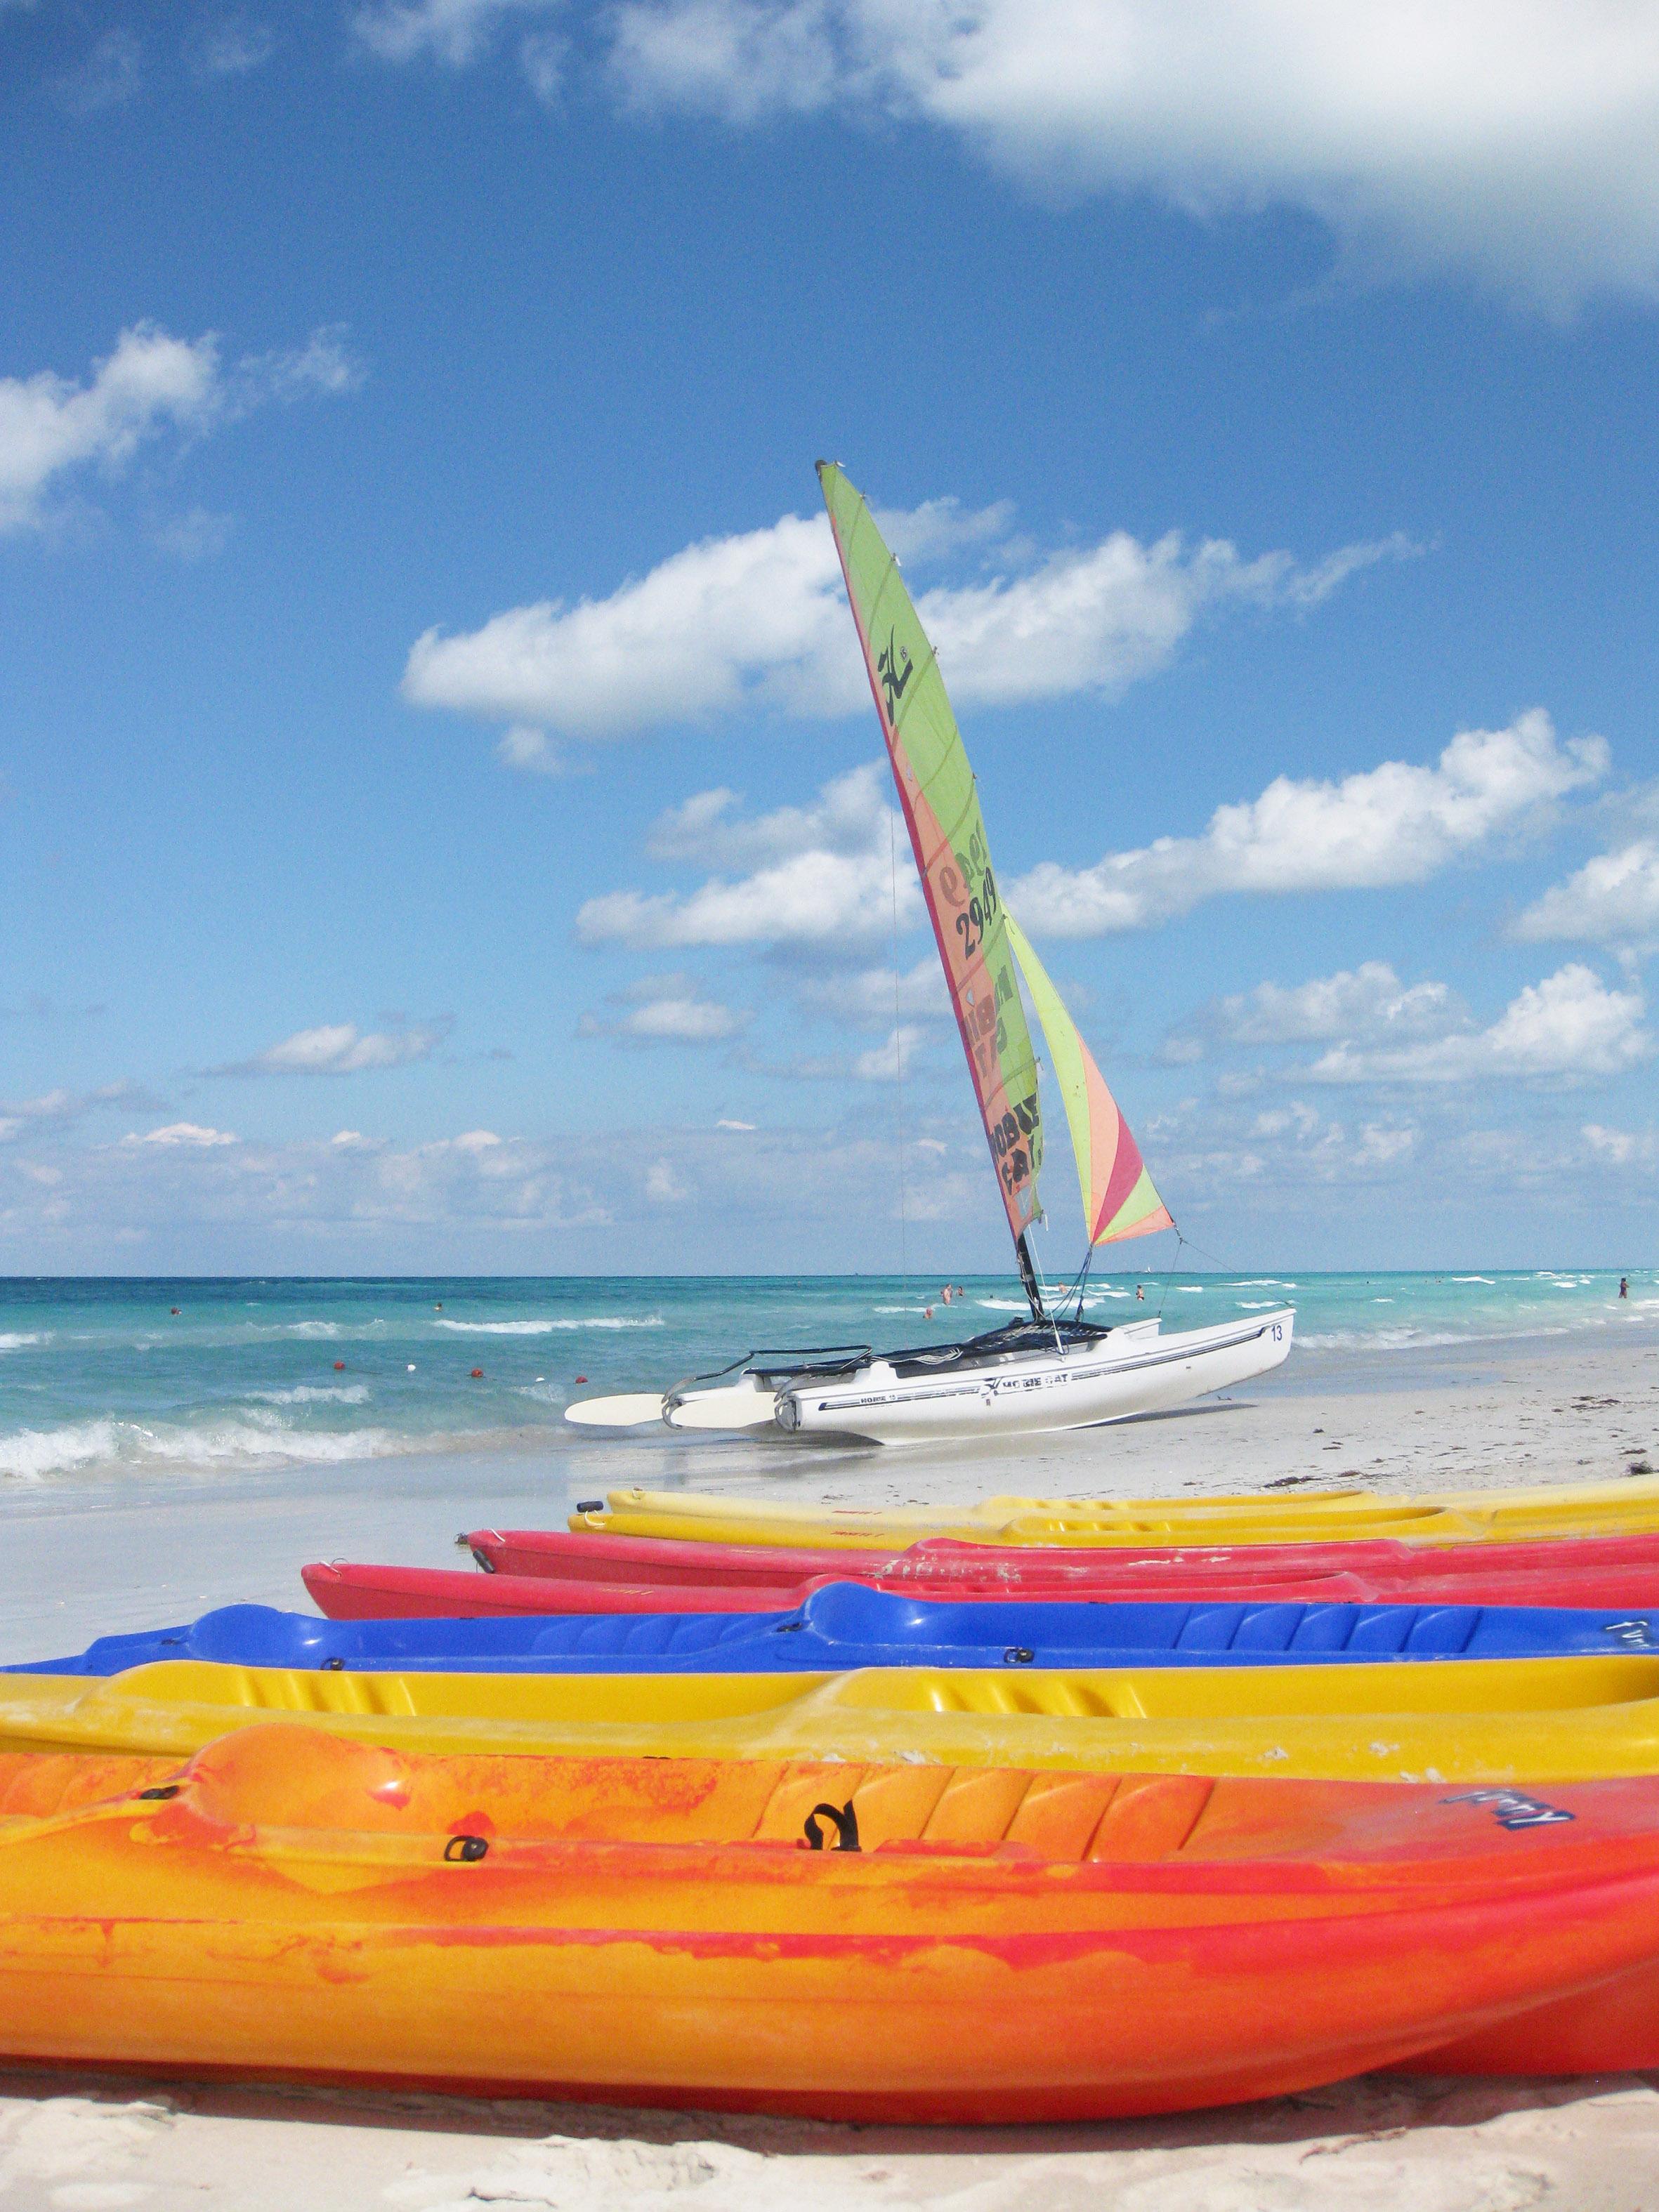 Wassersport ist auf Kuba ein großes Vergnügen für Touristen und